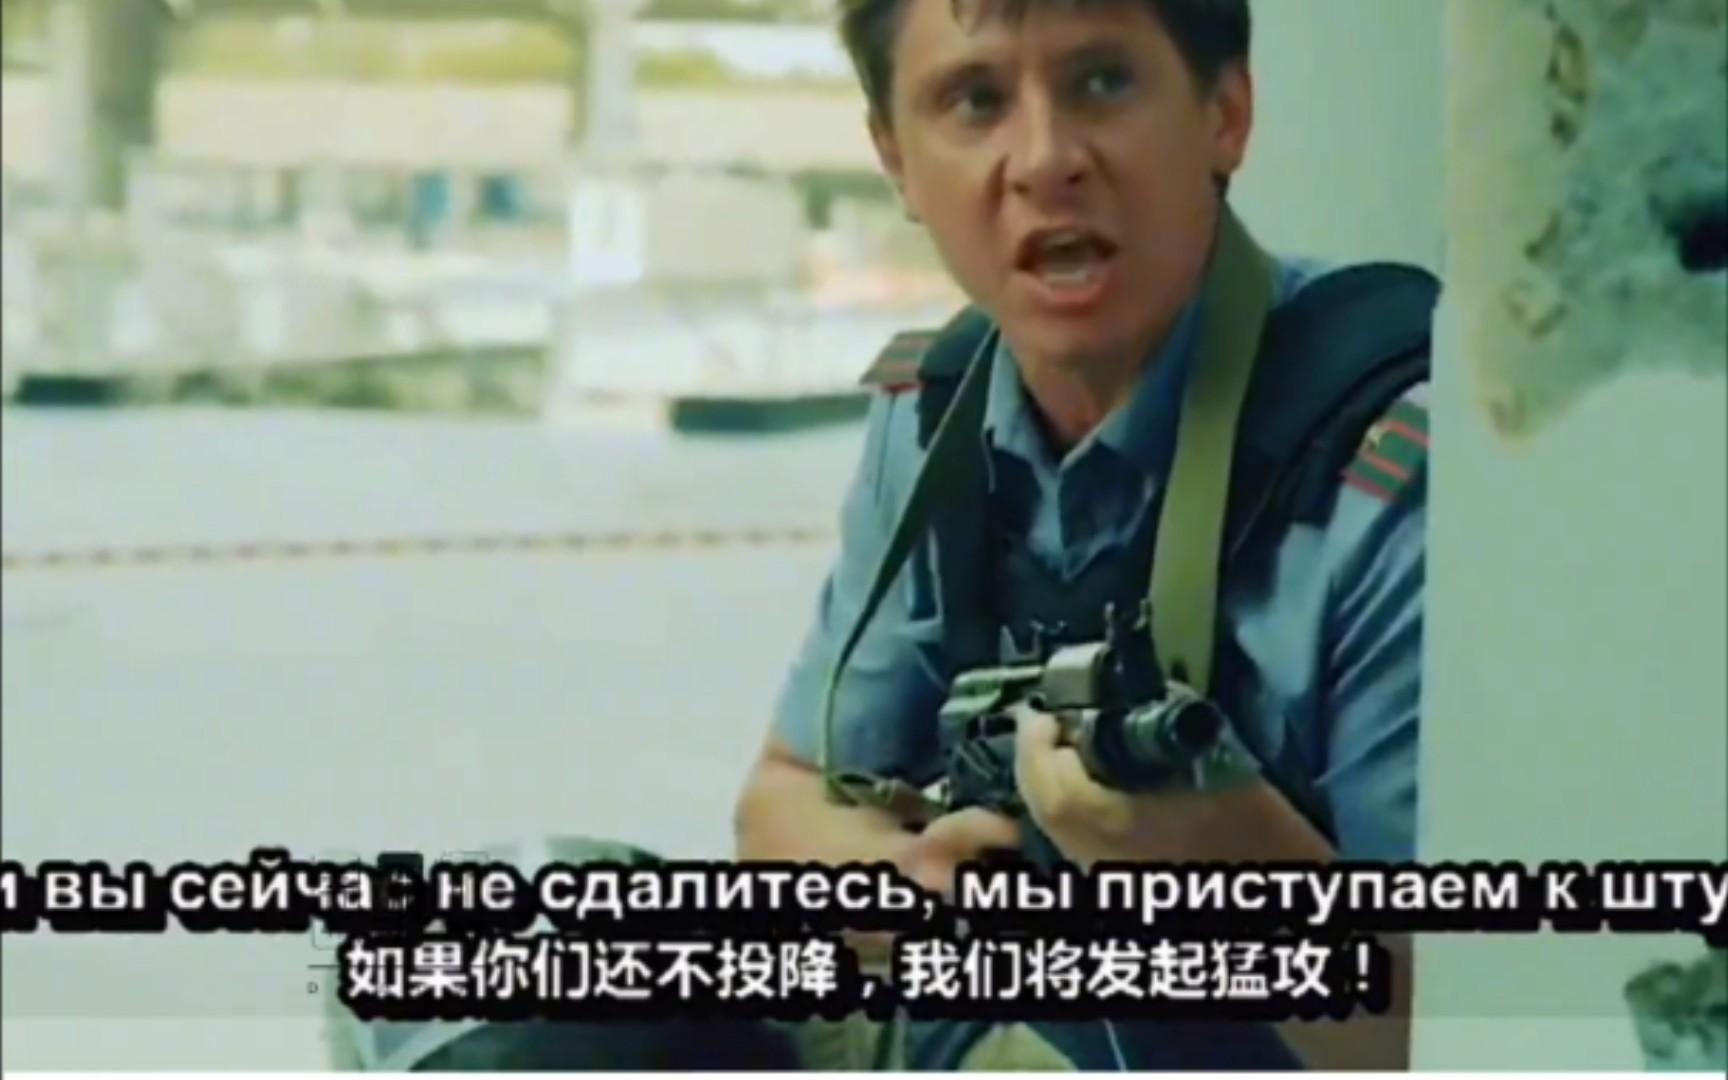 99%的人没看过俄式喜剧,结局大反转,笑哭了